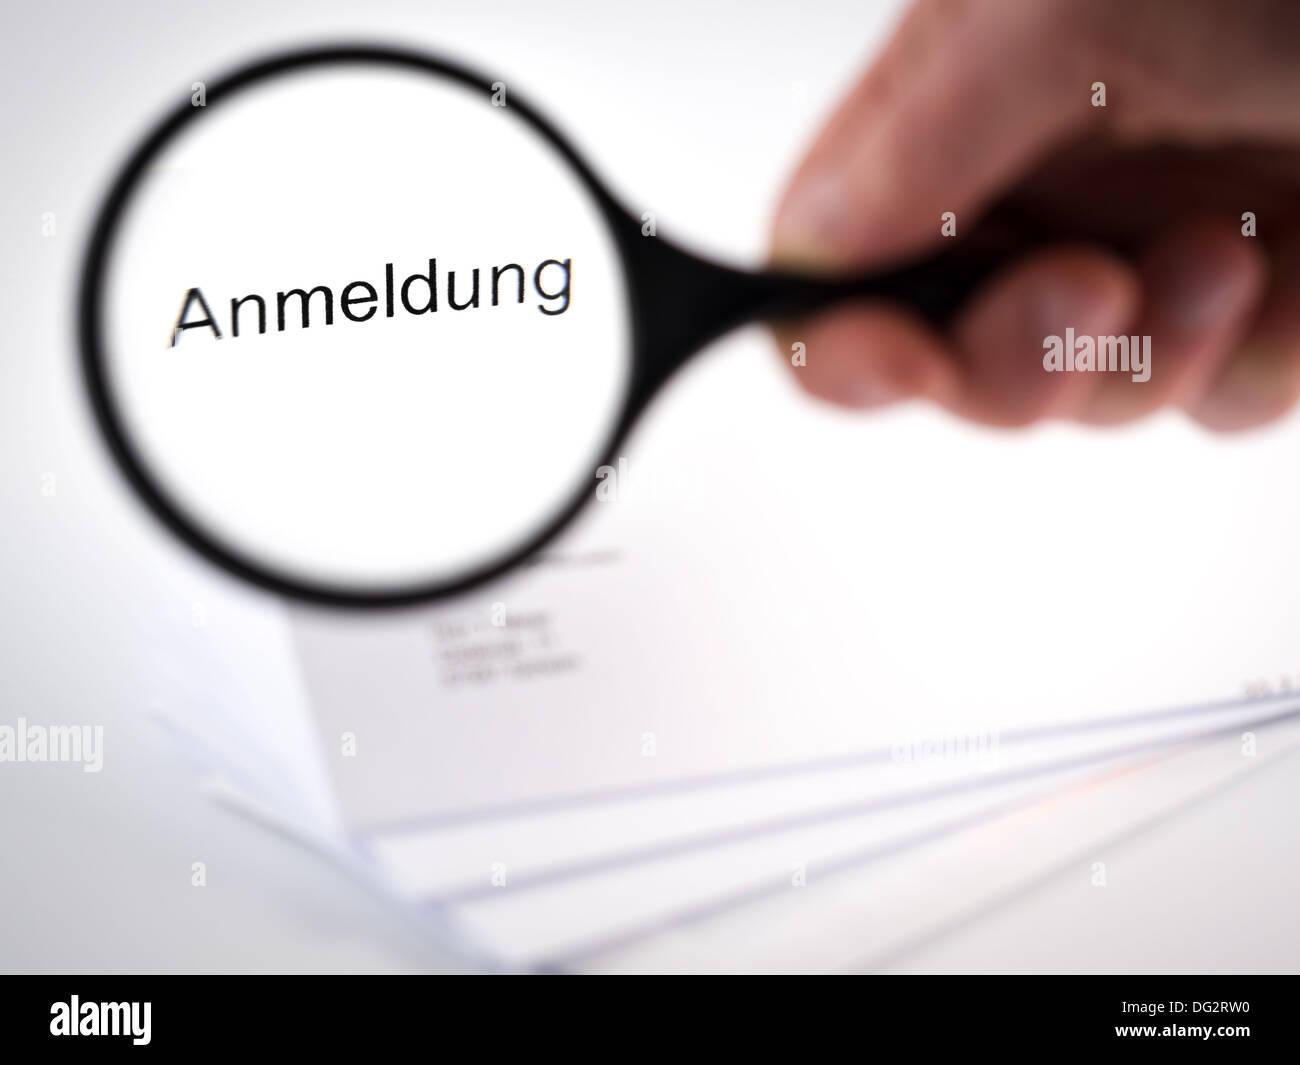 Carta con una aplicación mostrada por un vidrio de ampliación Imagen De Stock